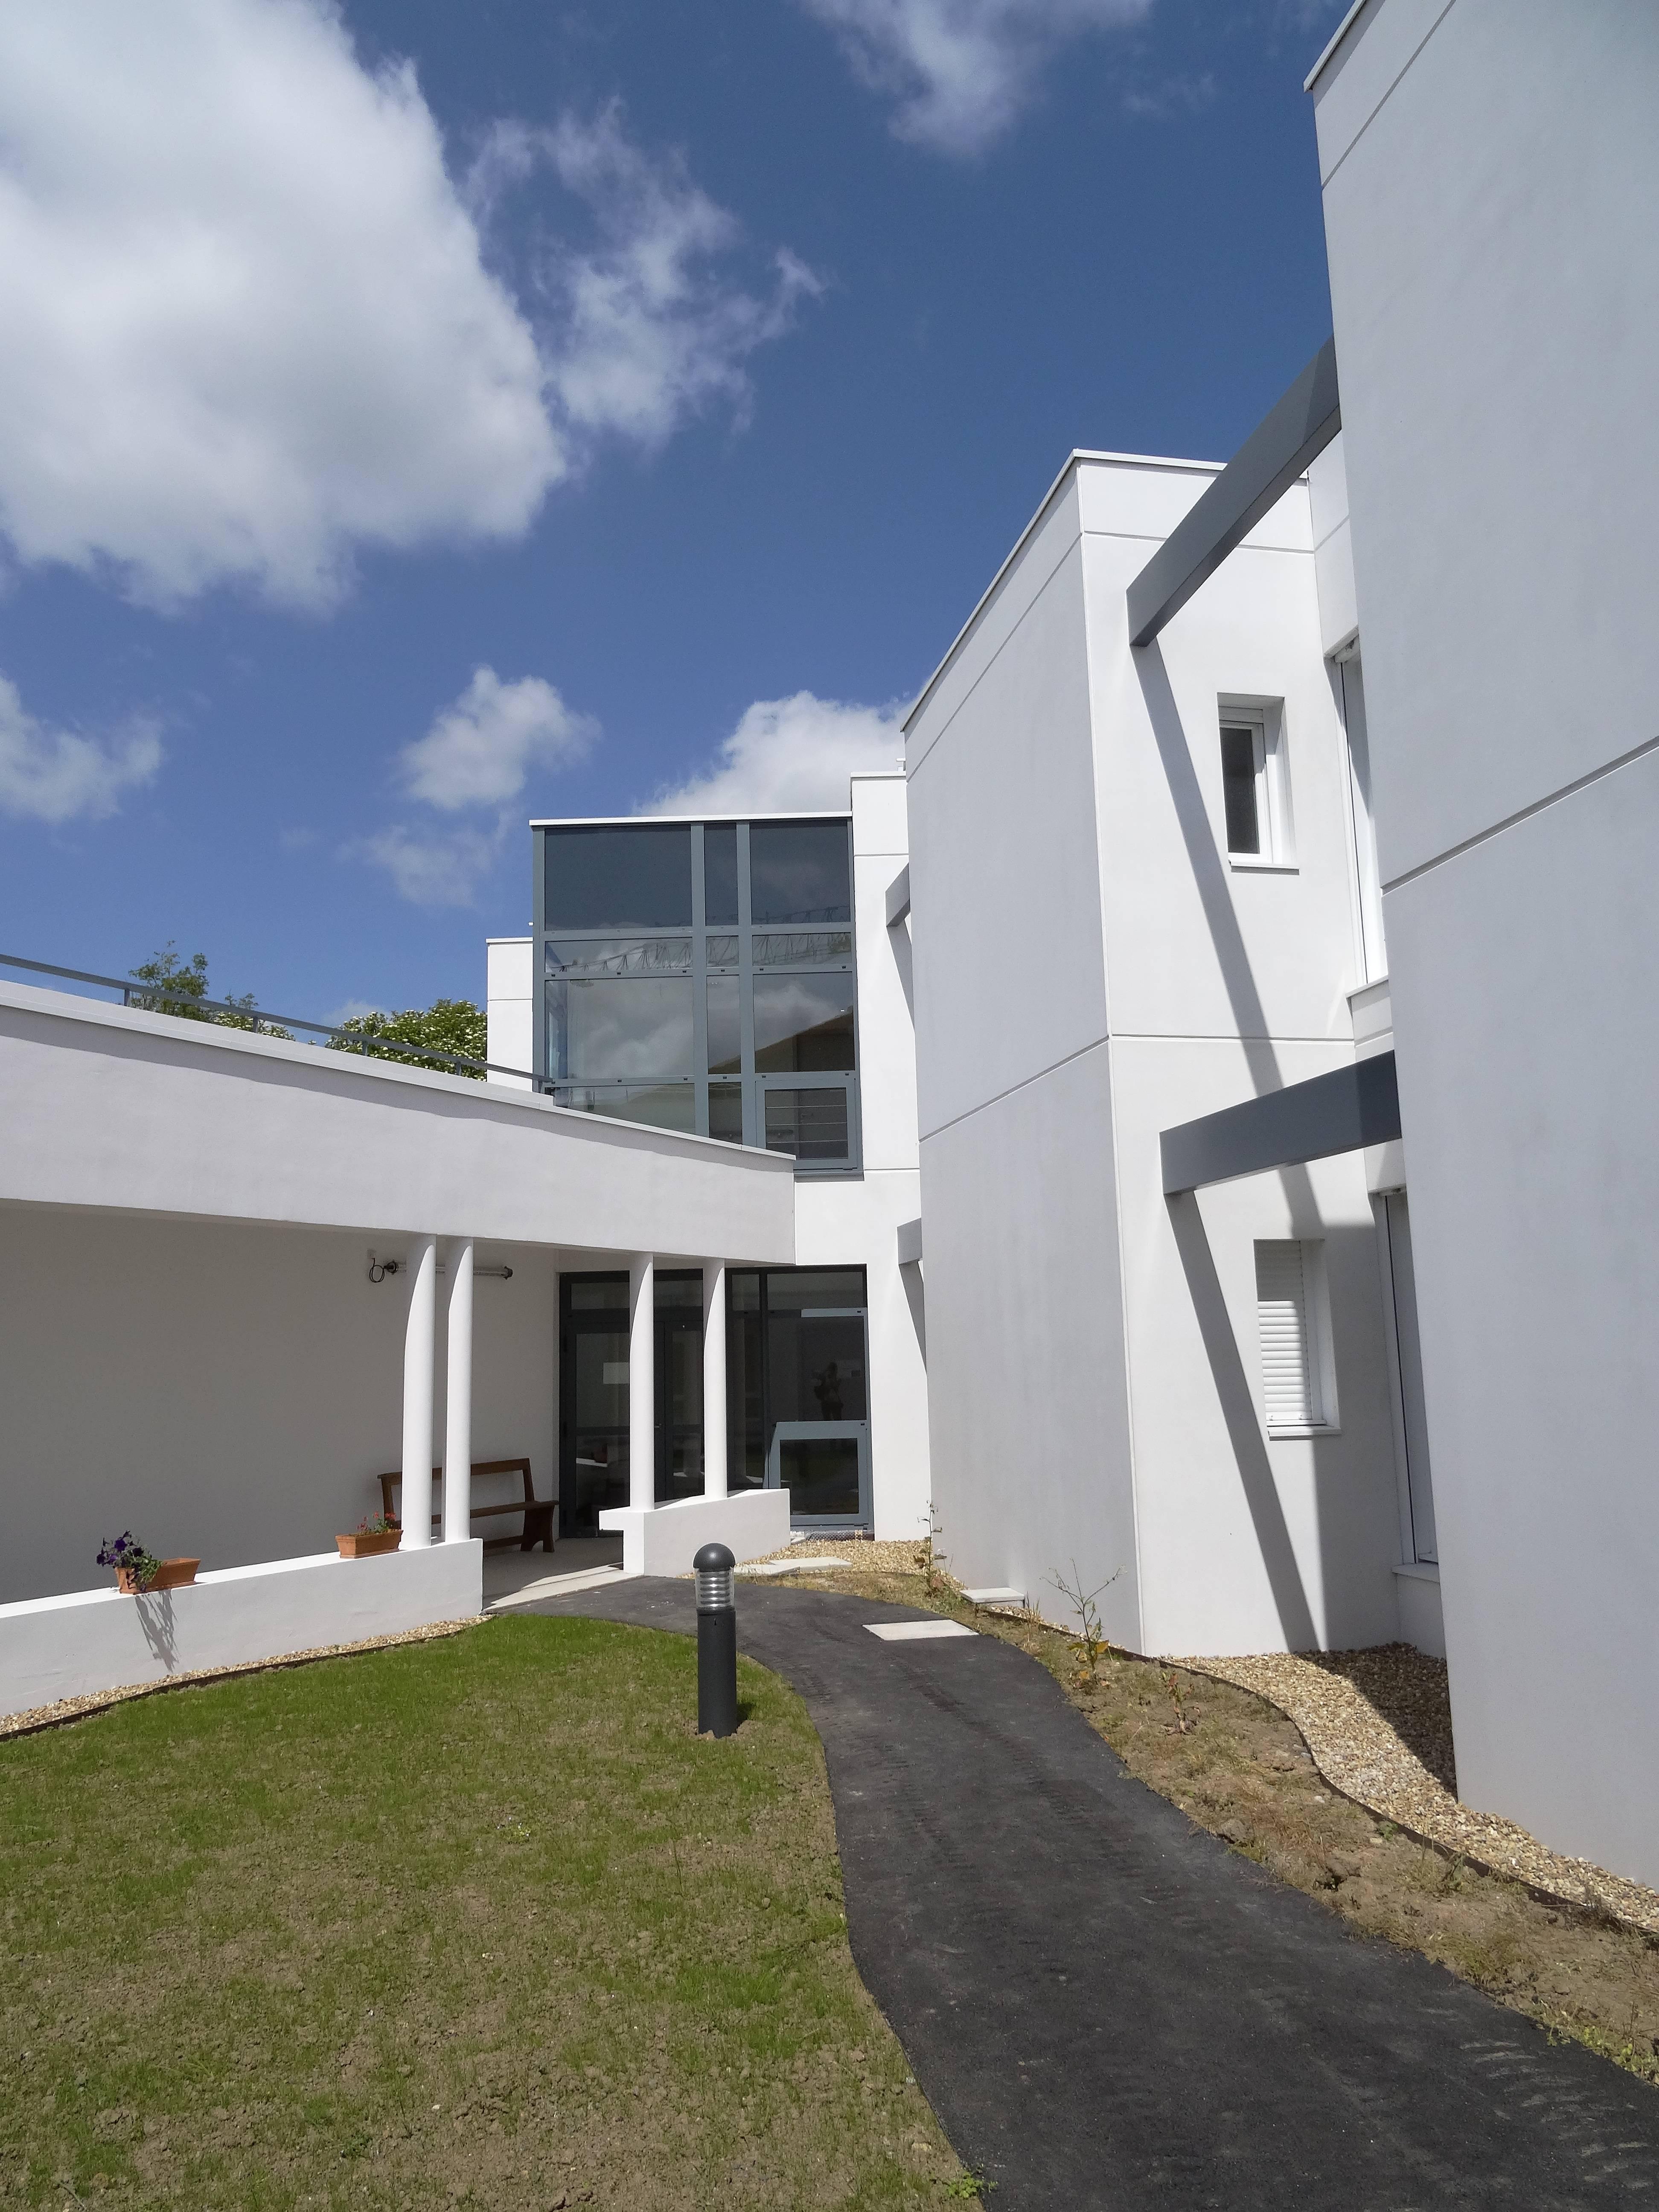 Ehpad vall e g lusseau coron maisons de retraite for Annuaire maison de retraite